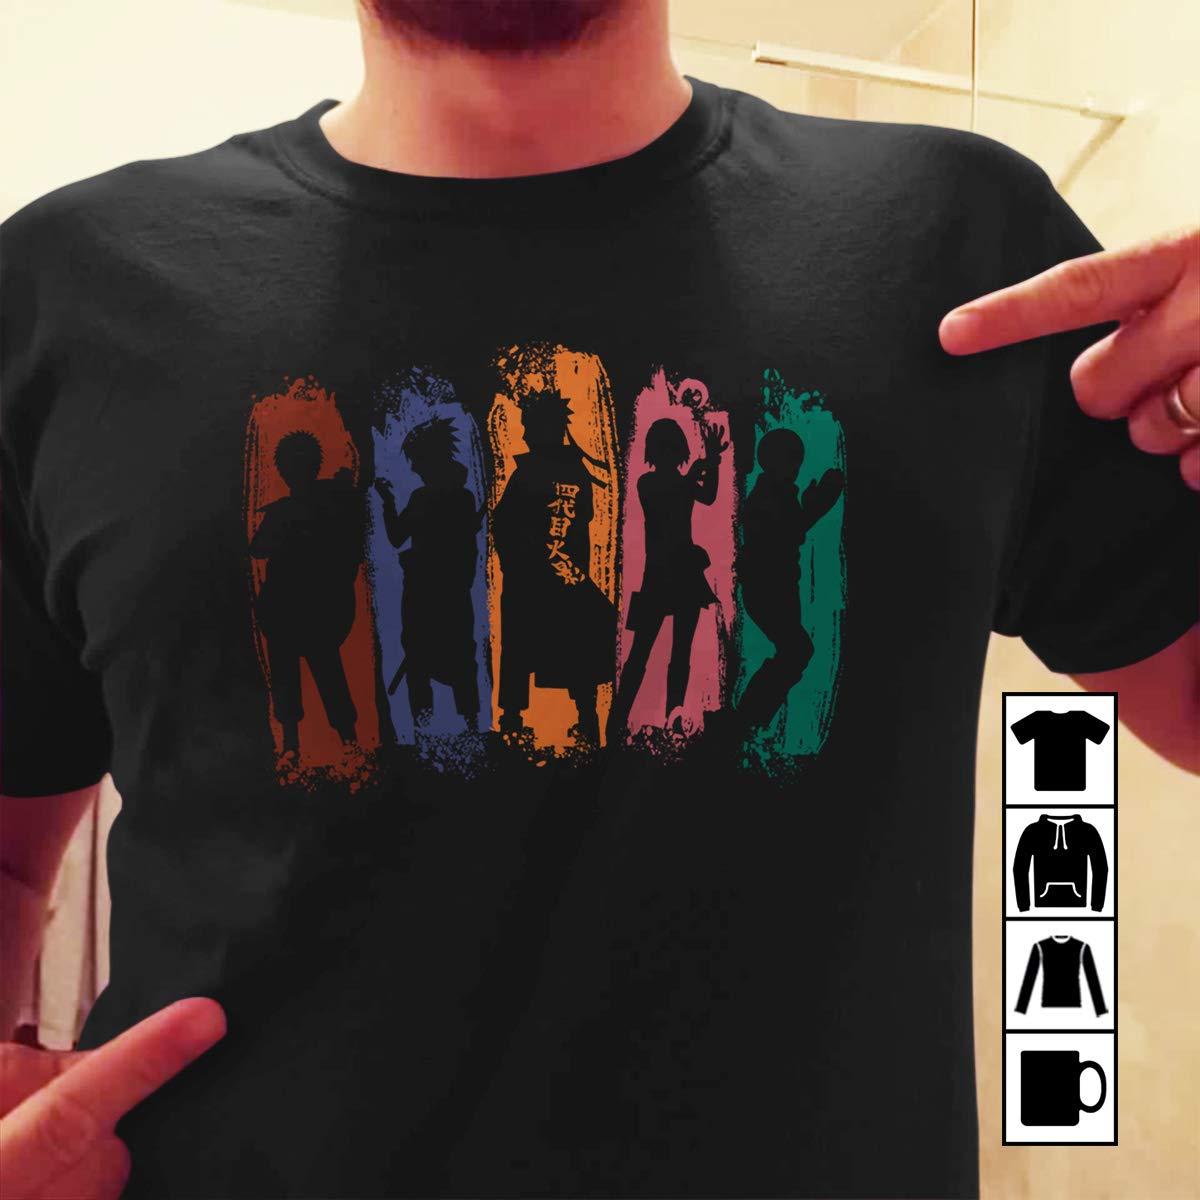 Amazon.com: Shadow of ninja t-shirt Naruto akatsuki gaara ...